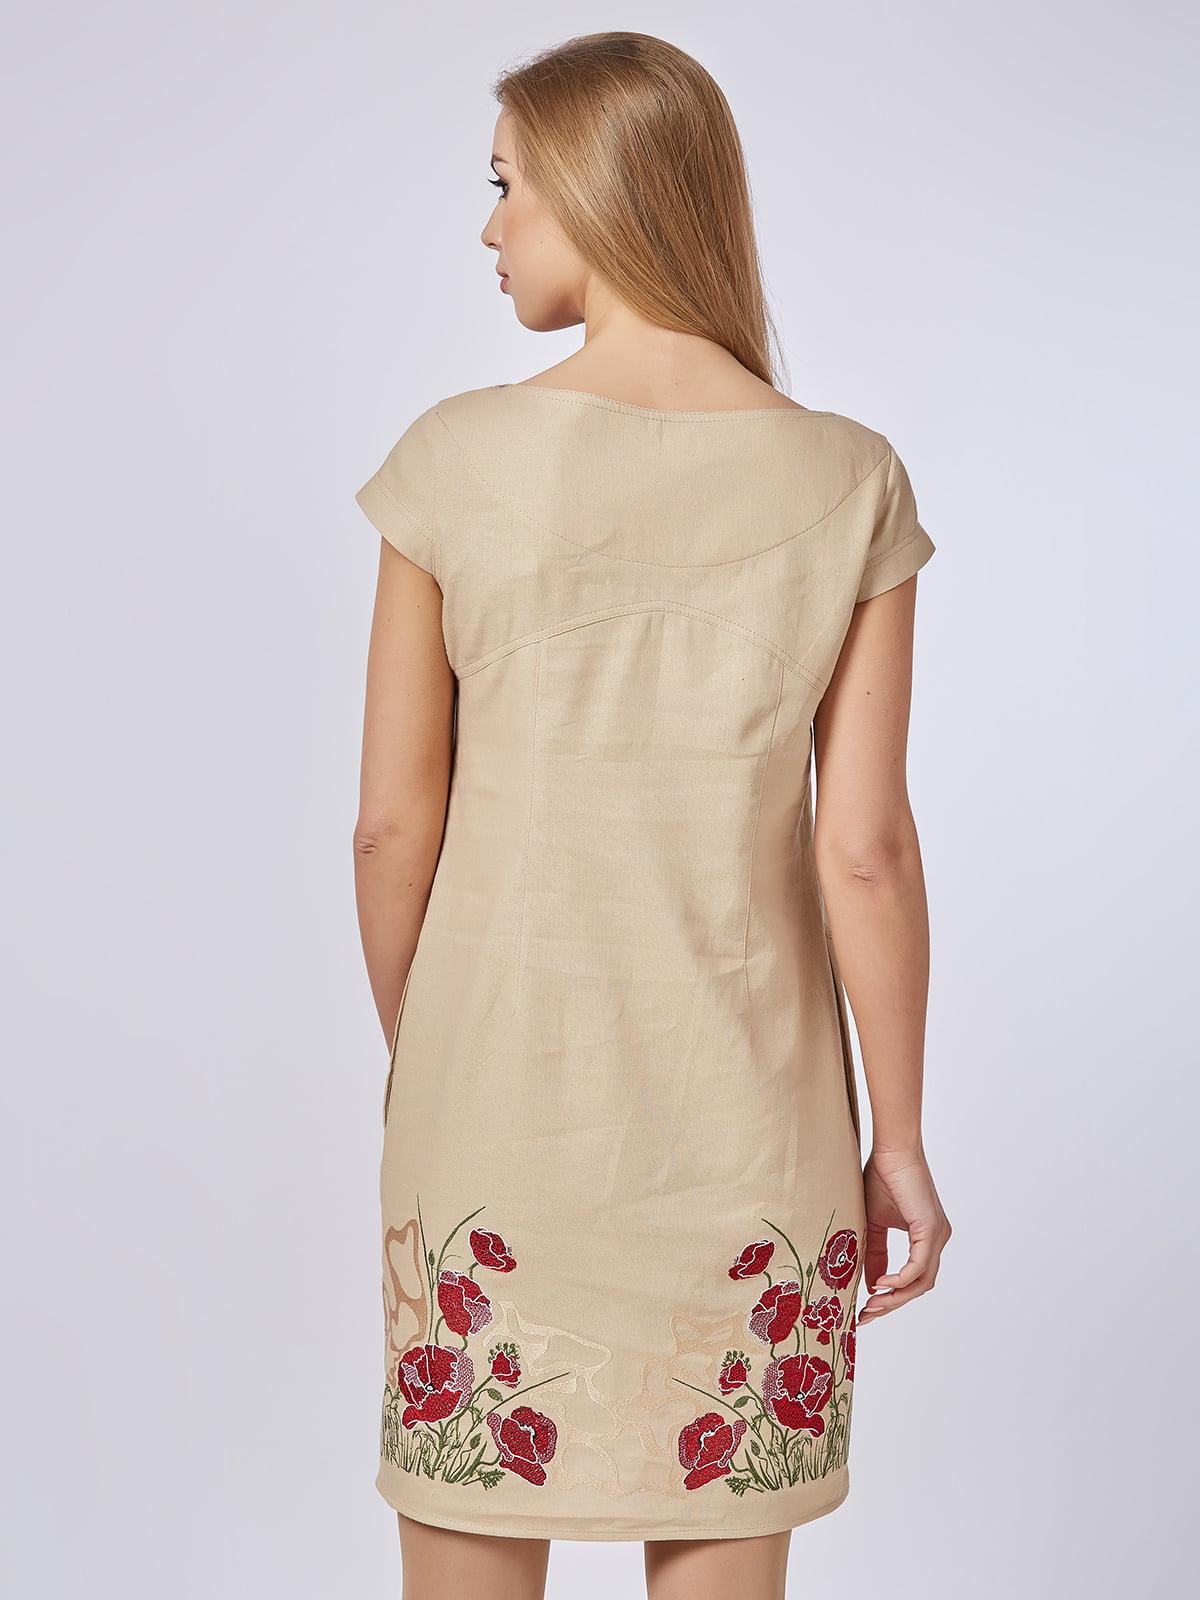 Сукня бежева | 4327653 | фото 2